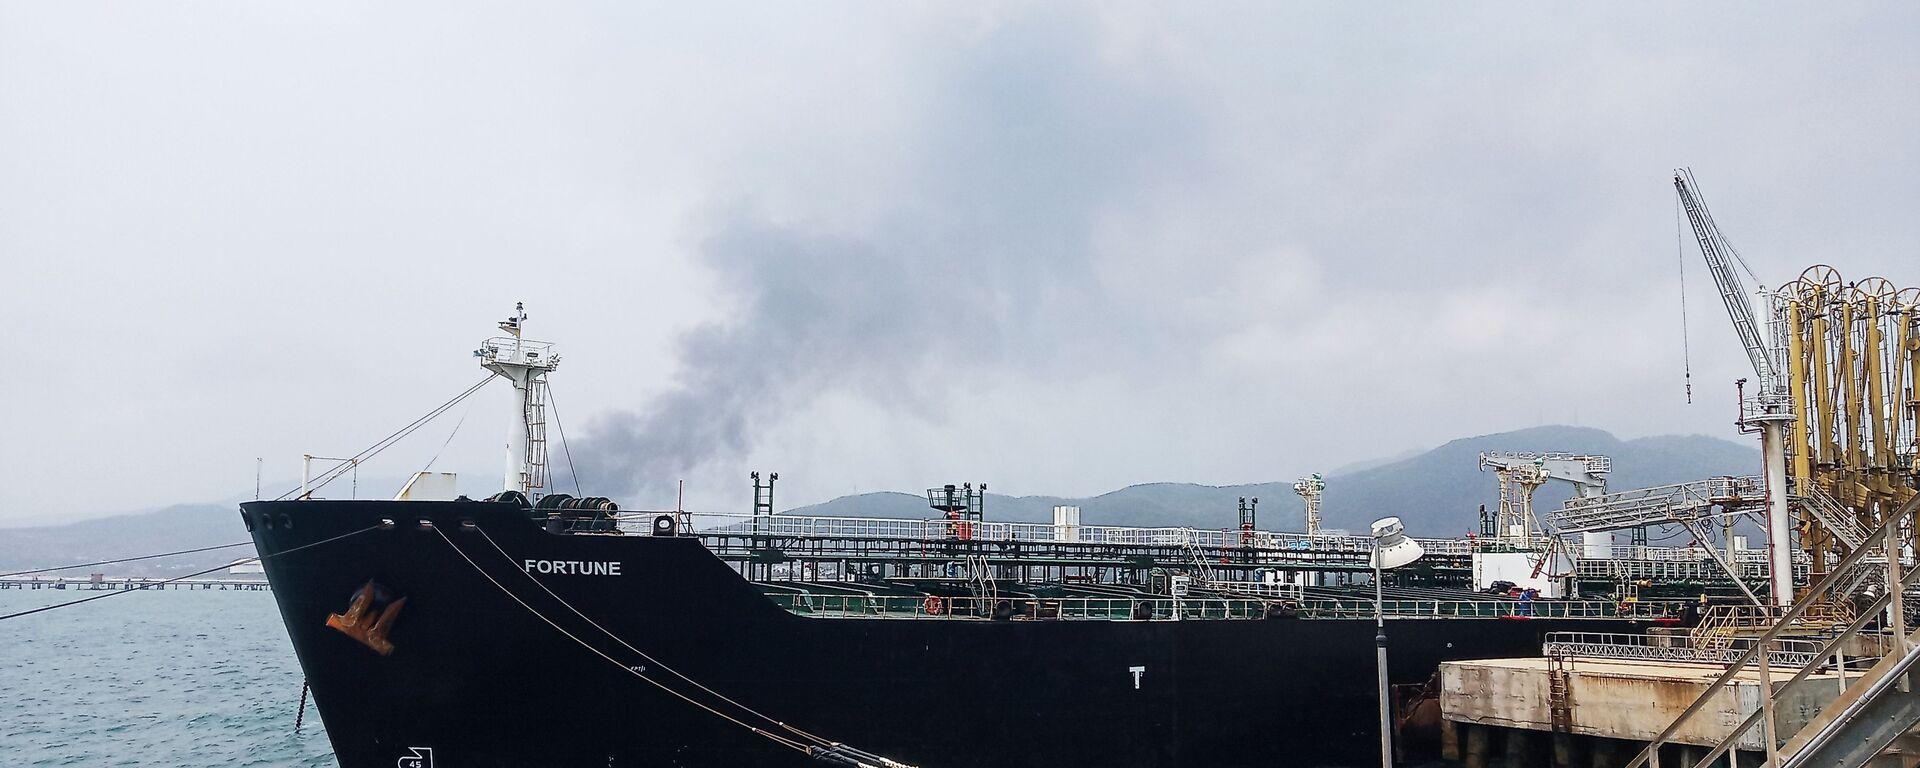 La petroliera iraniana Fortune alla raffineria El Palito, in Venezuela - Sputnik Italia, 1920, 01.08.2021